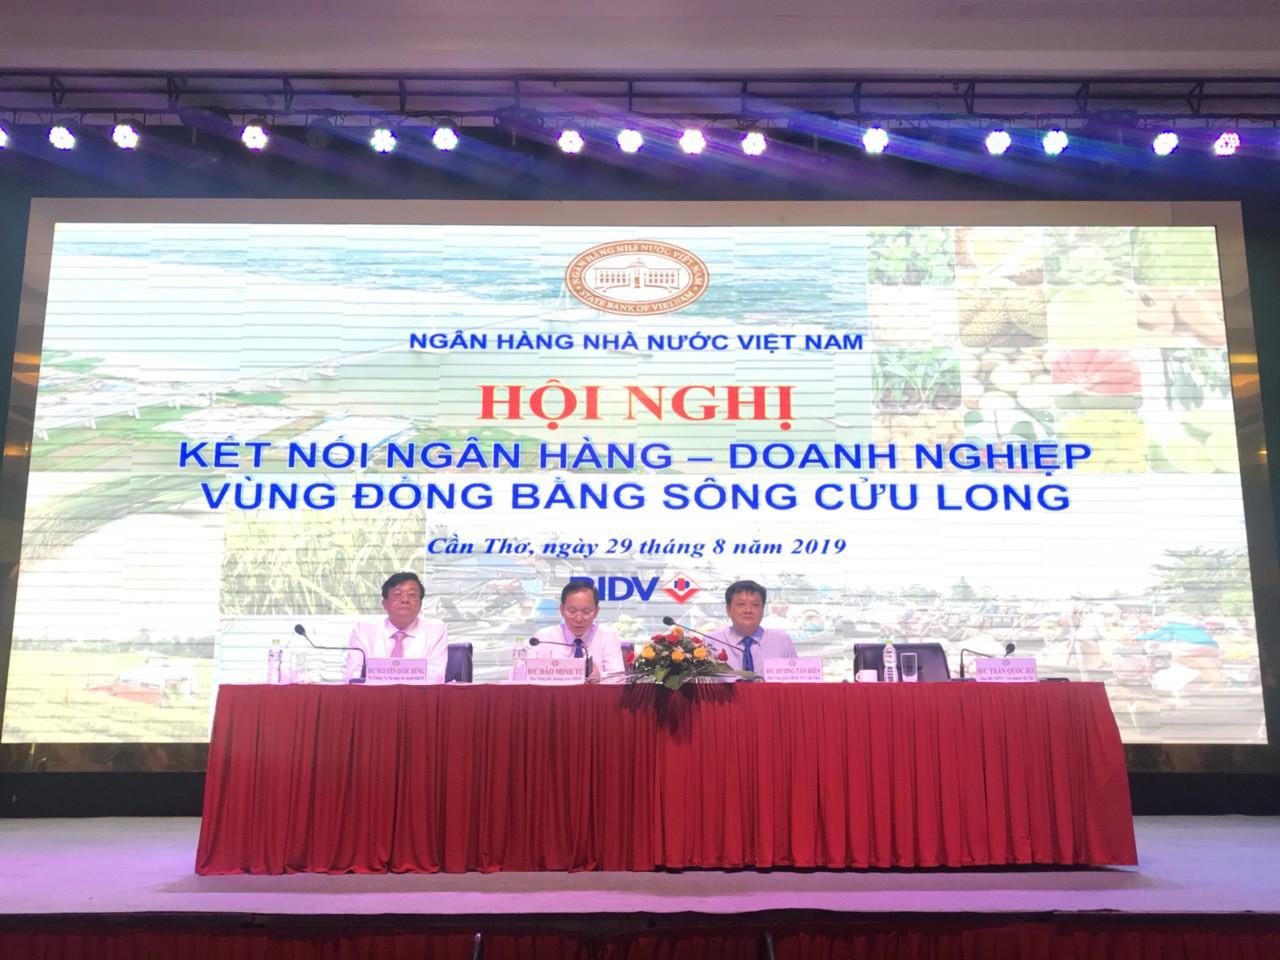 Hội nghị kết nối Ngân hàng_Doanh nghiệp (3)